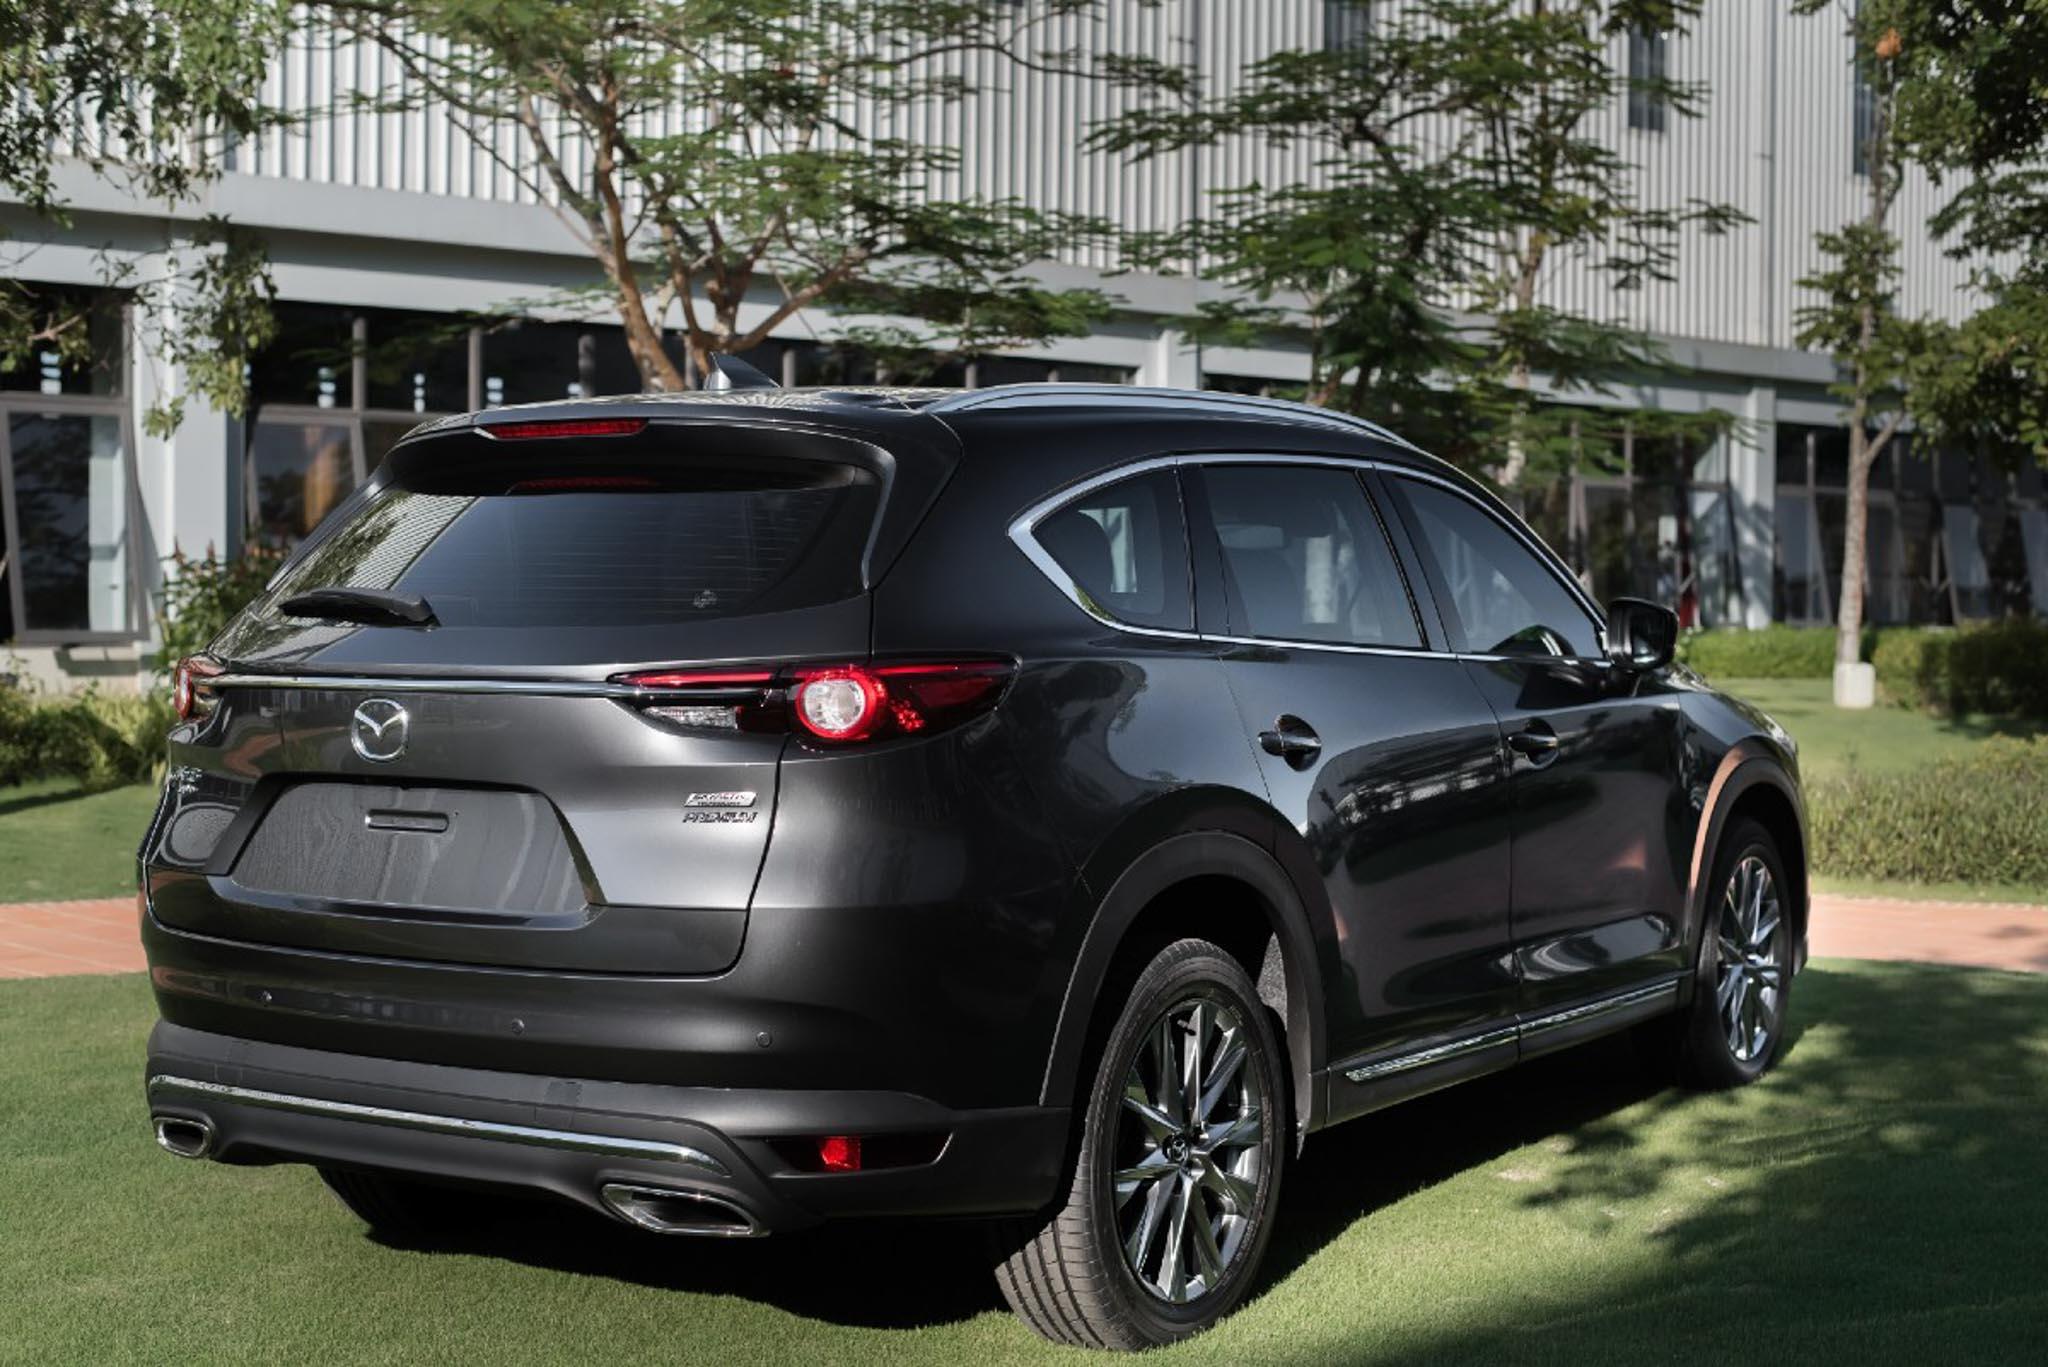 THACO nhận đặt cọc Mazda CX-8 phiên bản Deluxe có giá 1,149 tỷ đồng - 2